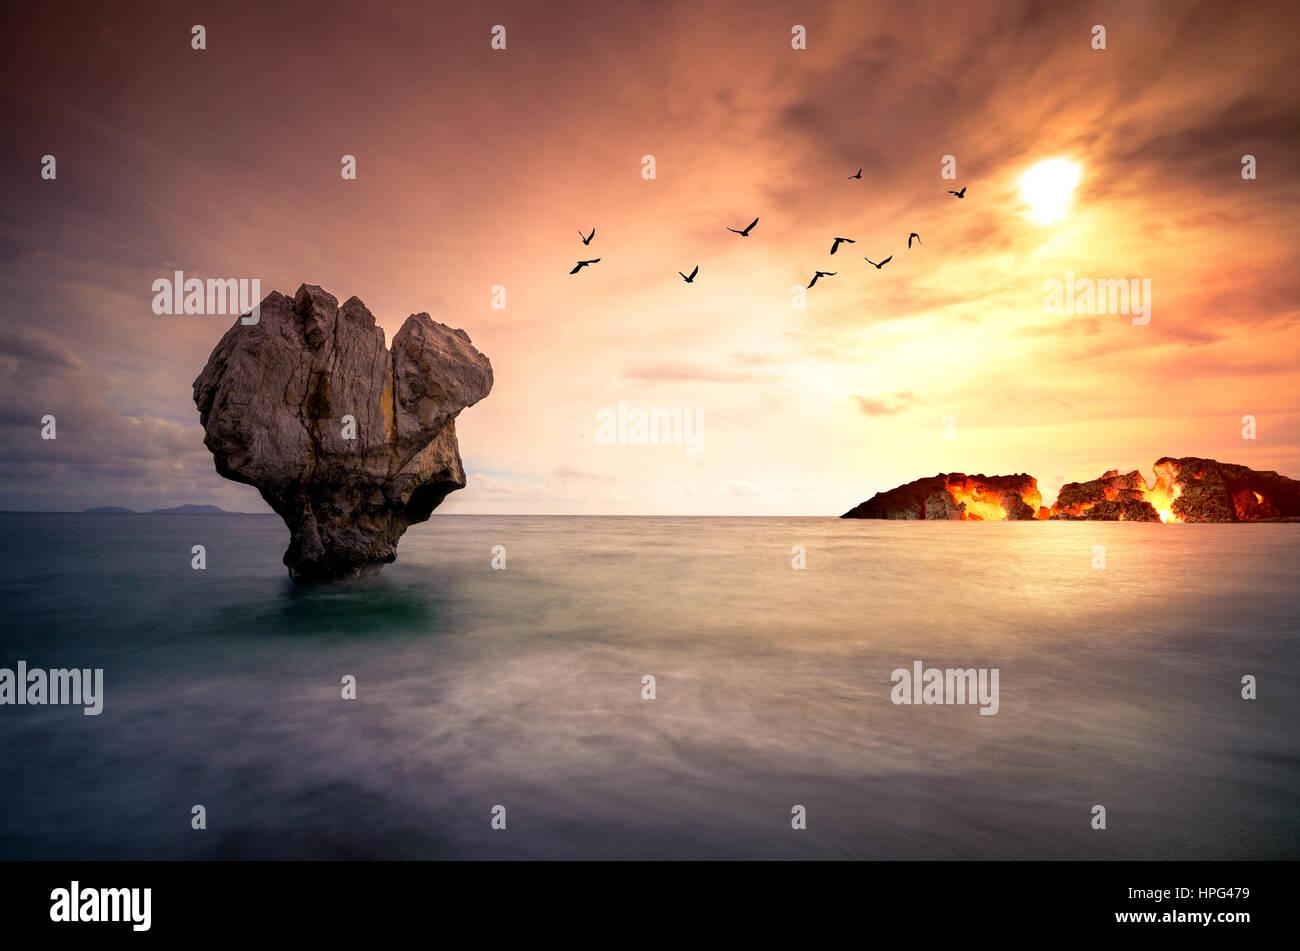 Fine Art mit Lonely Rock Skulptur im Meer mit Silhouetten von fliegenden Vögeln und eine brennende Insel unter Stockbild